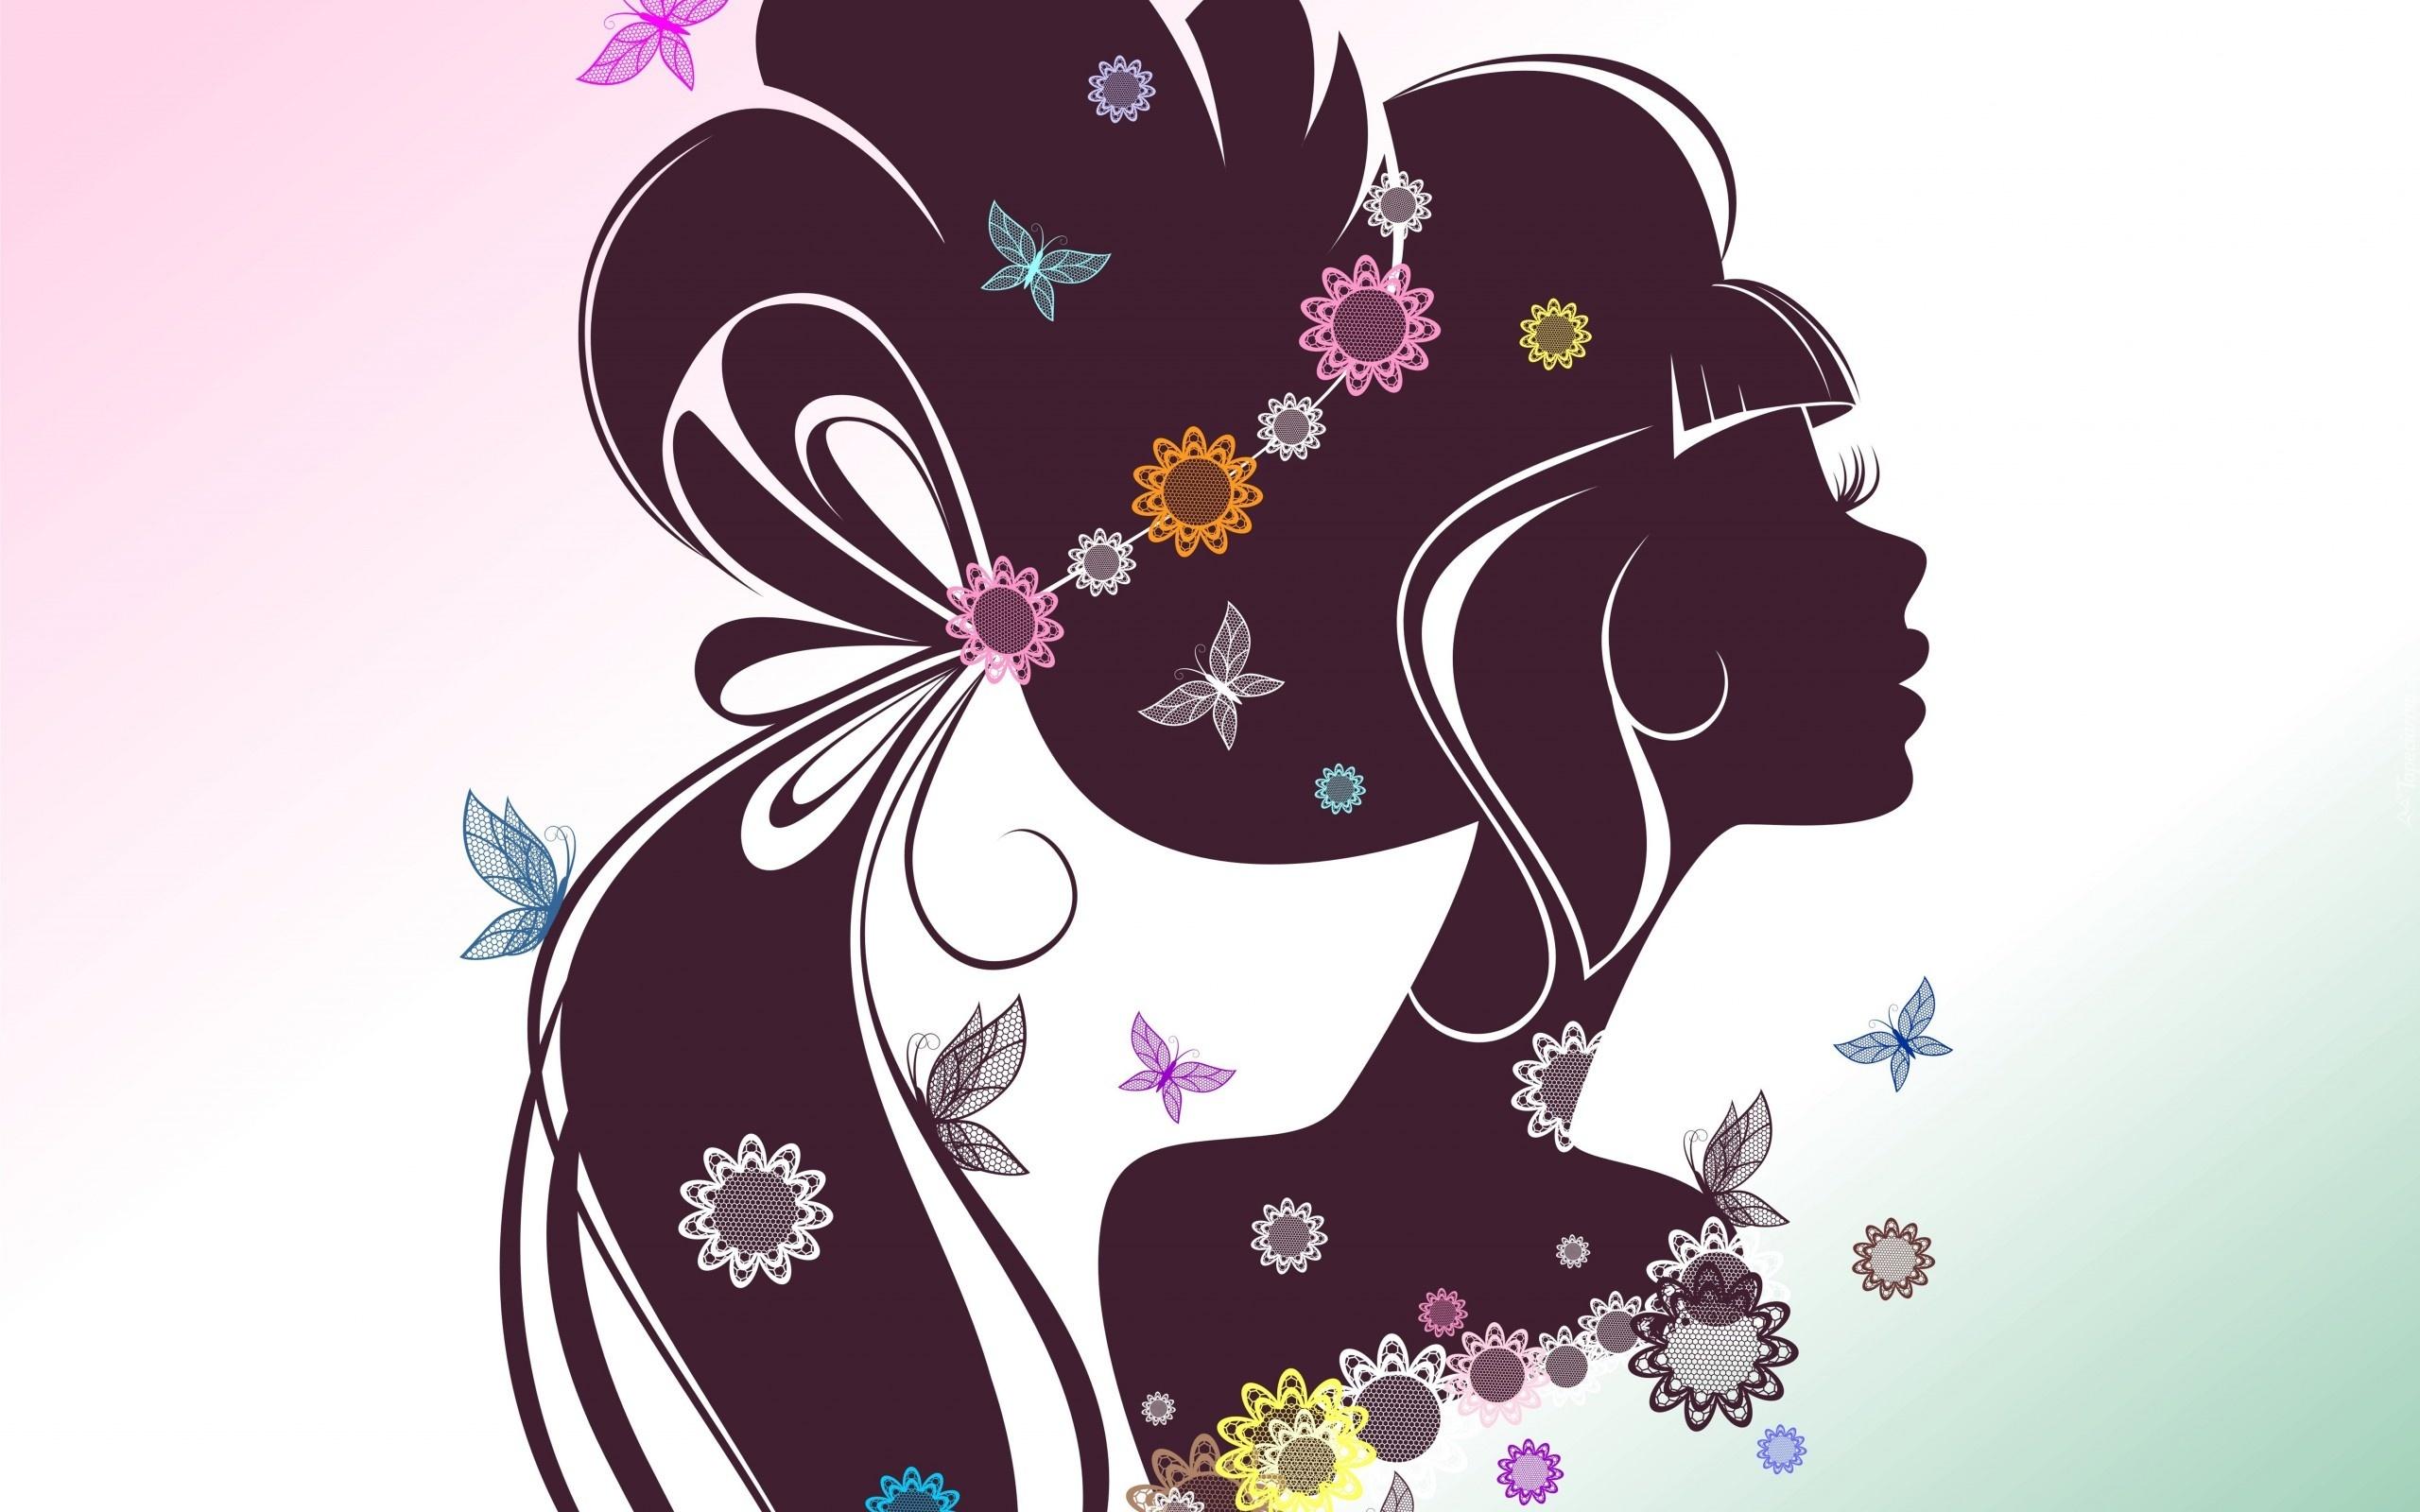 Motyle, Kwiaty, Grafika.